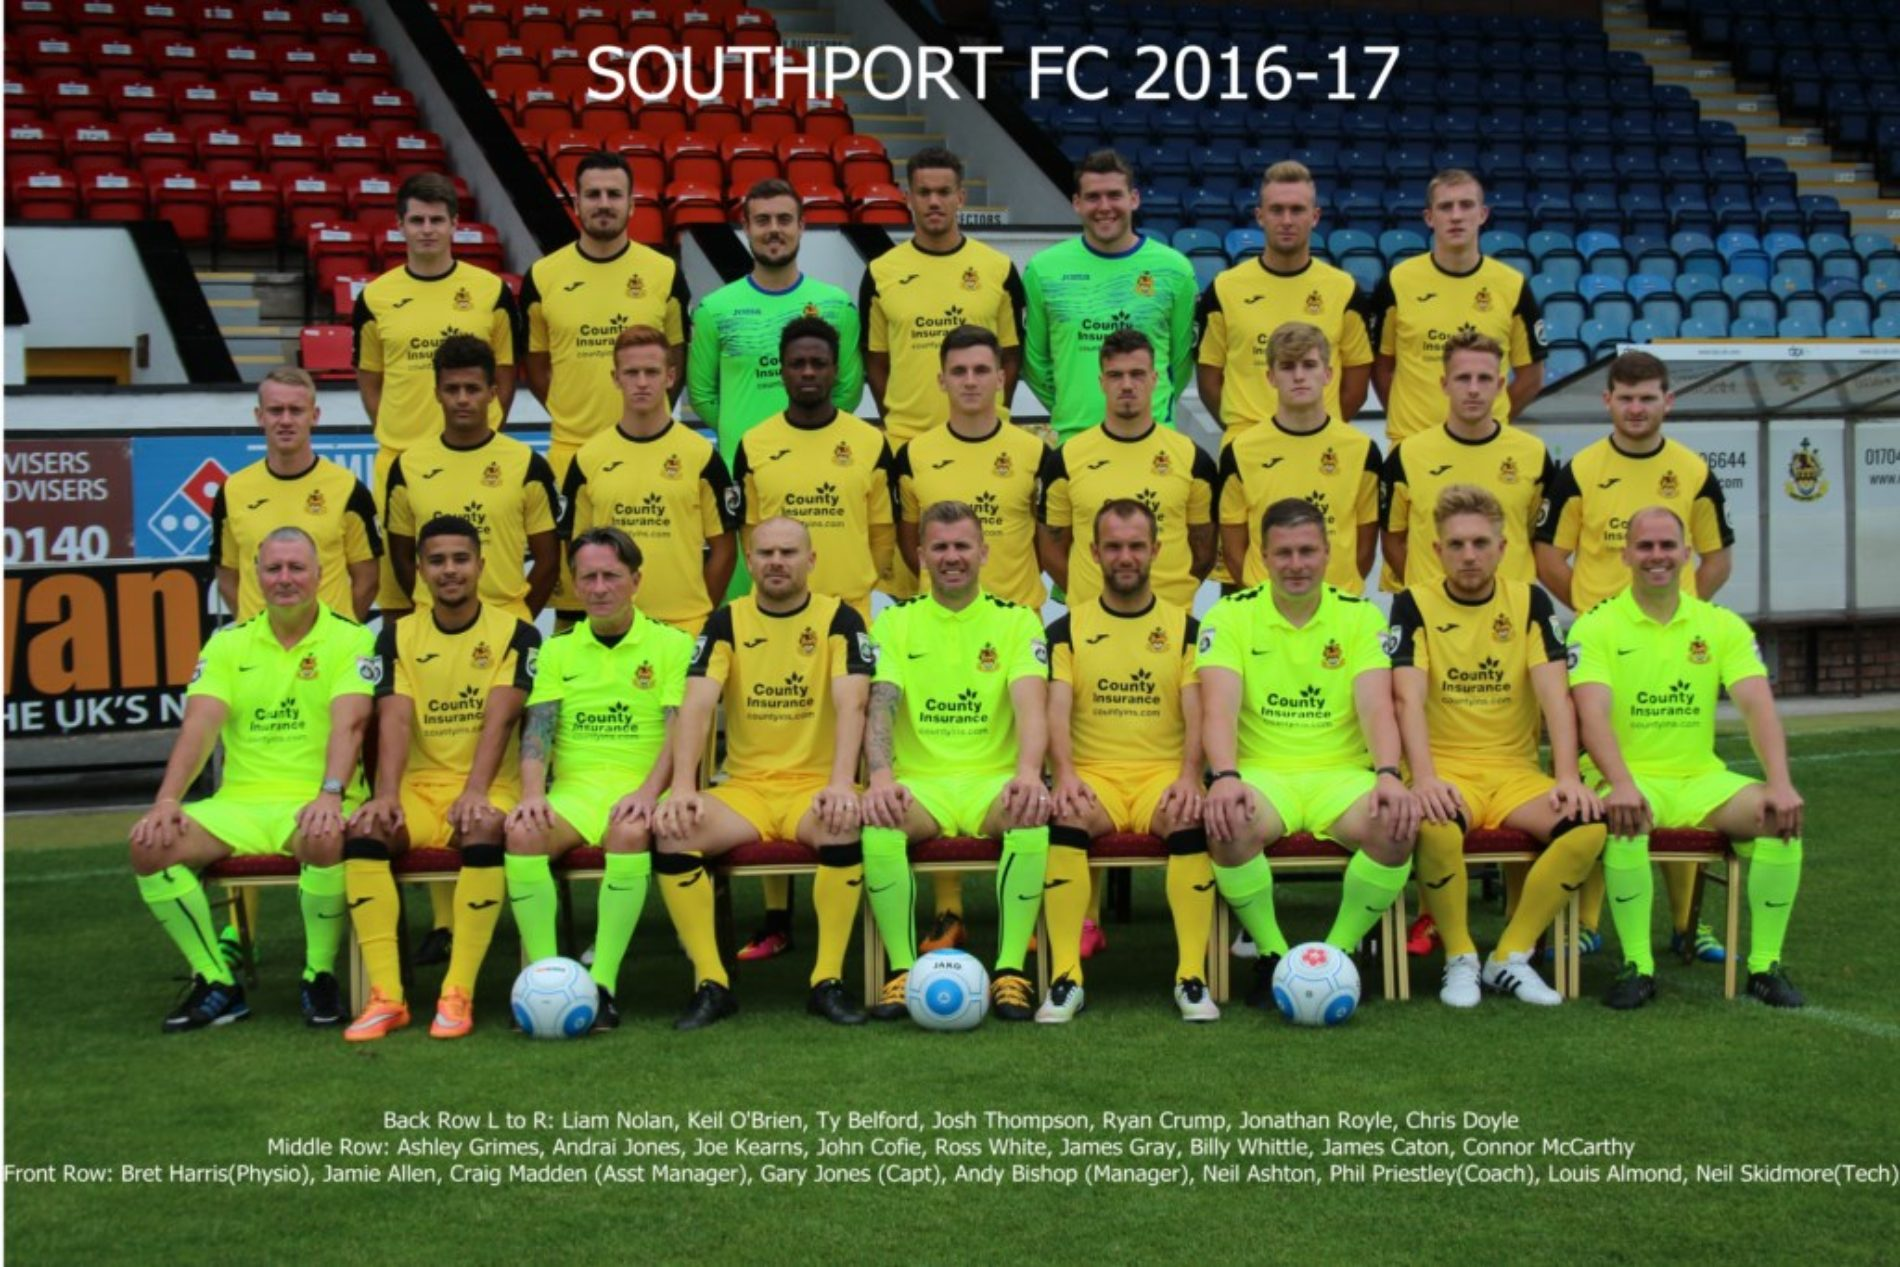 Squad Photo Revealed for 2016/17 Season